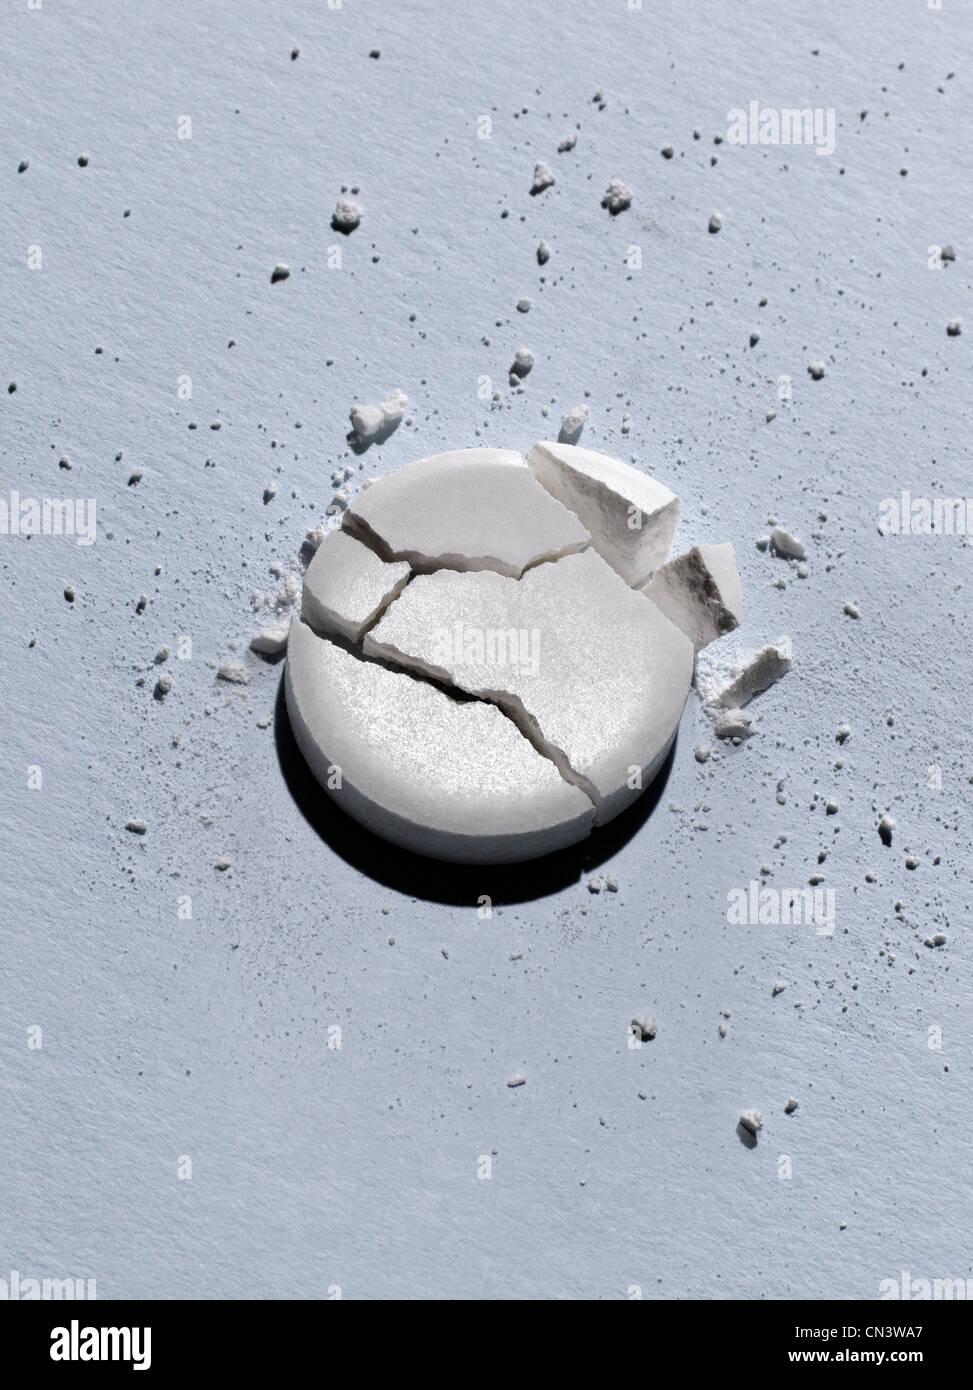 Roto y resquebrajado tableta, Foto de estudio Imagen De Stock